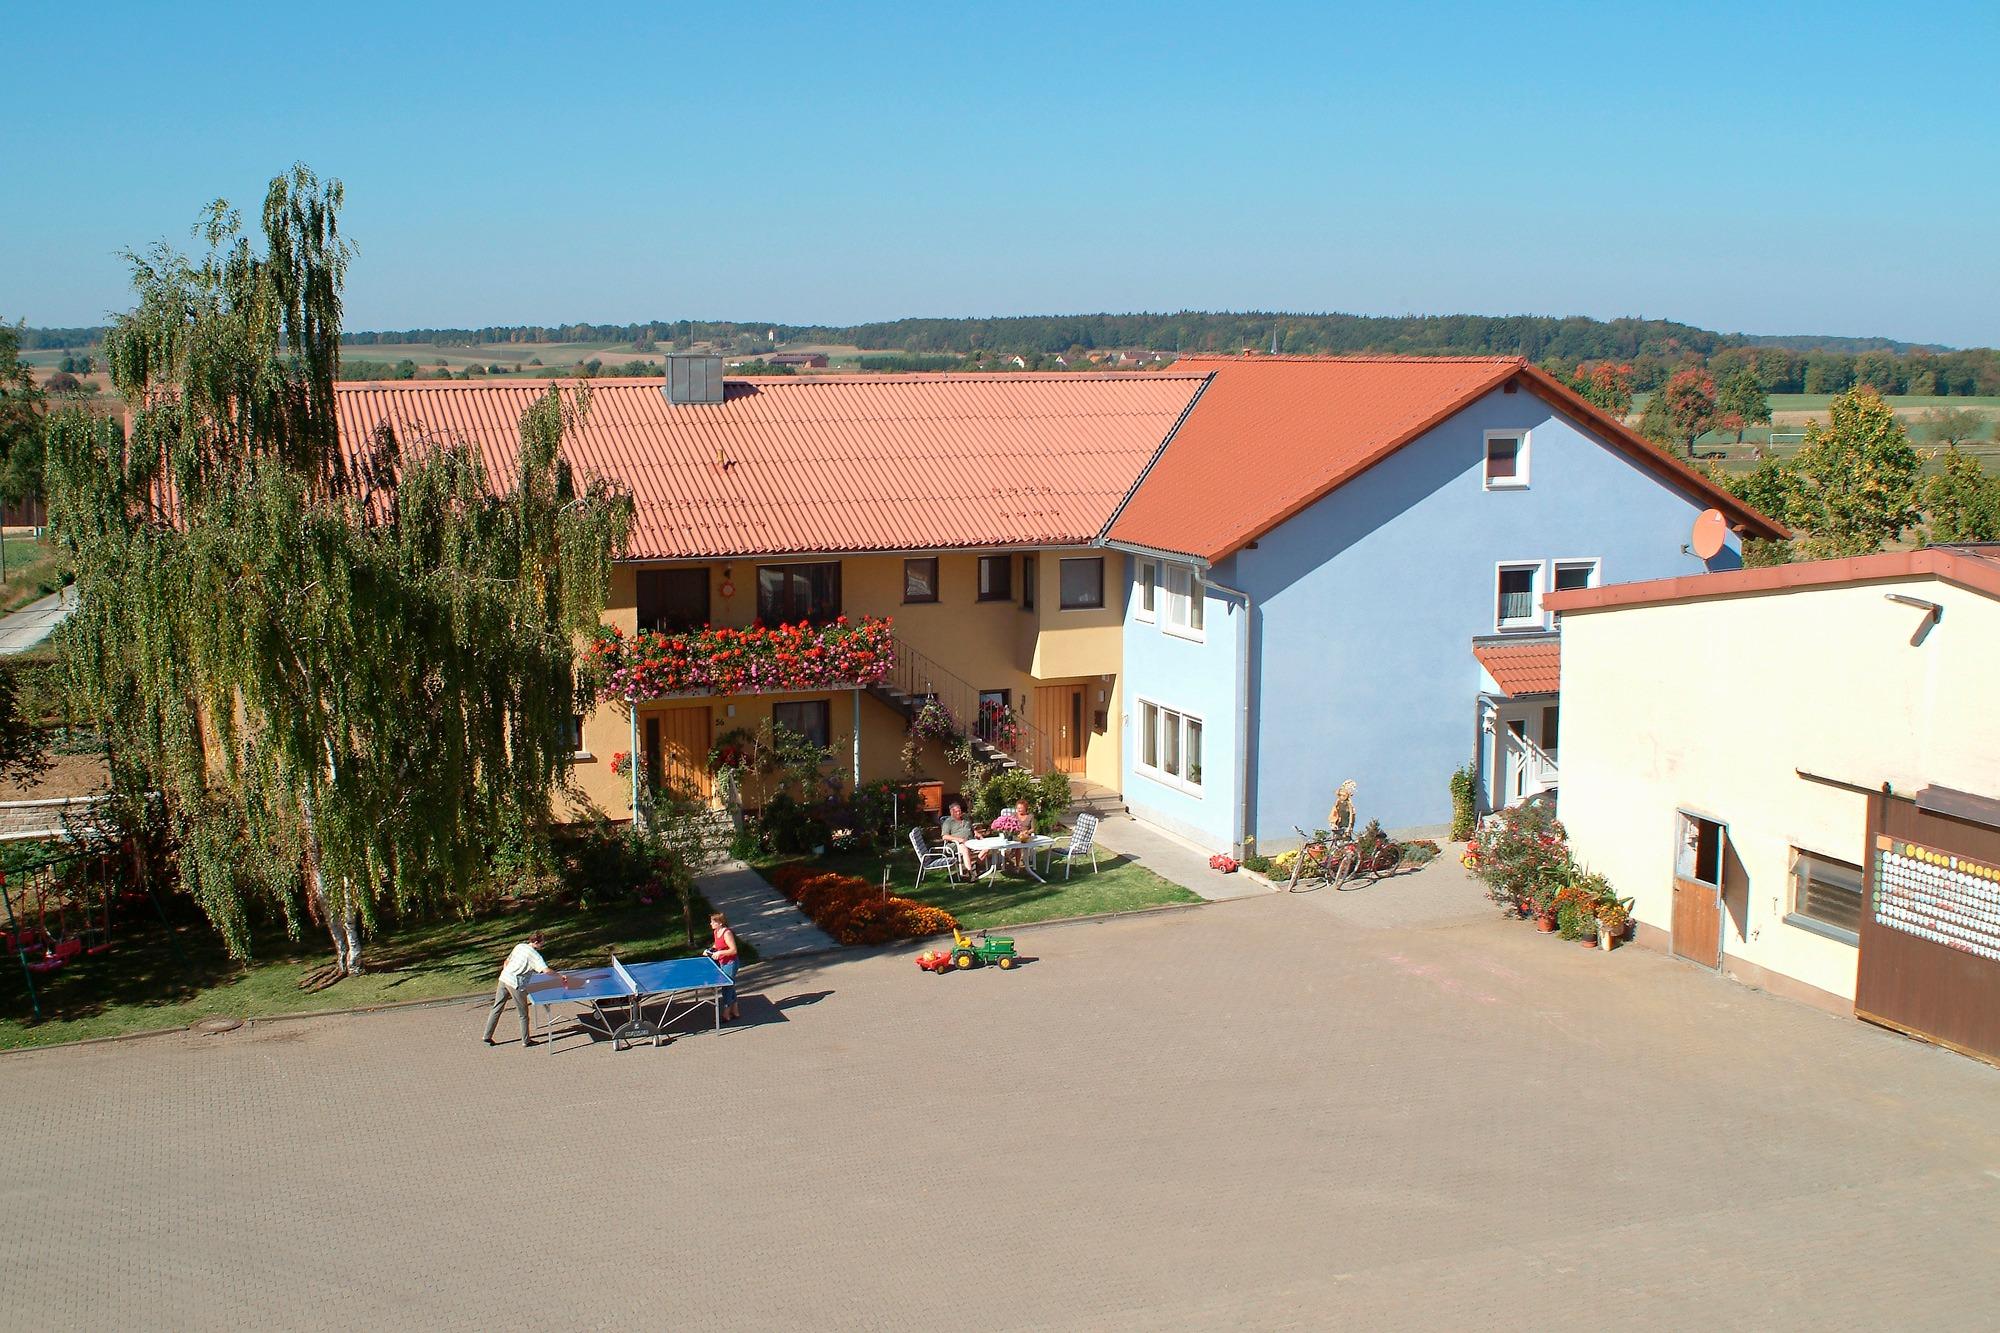 Ferienwohnung Mitmach-Bauernhof Ferienhof Arold Schwalbennest (1894974), Creglingen, Taubertal, Baden-Württemberg, Deutschland, Bild 7